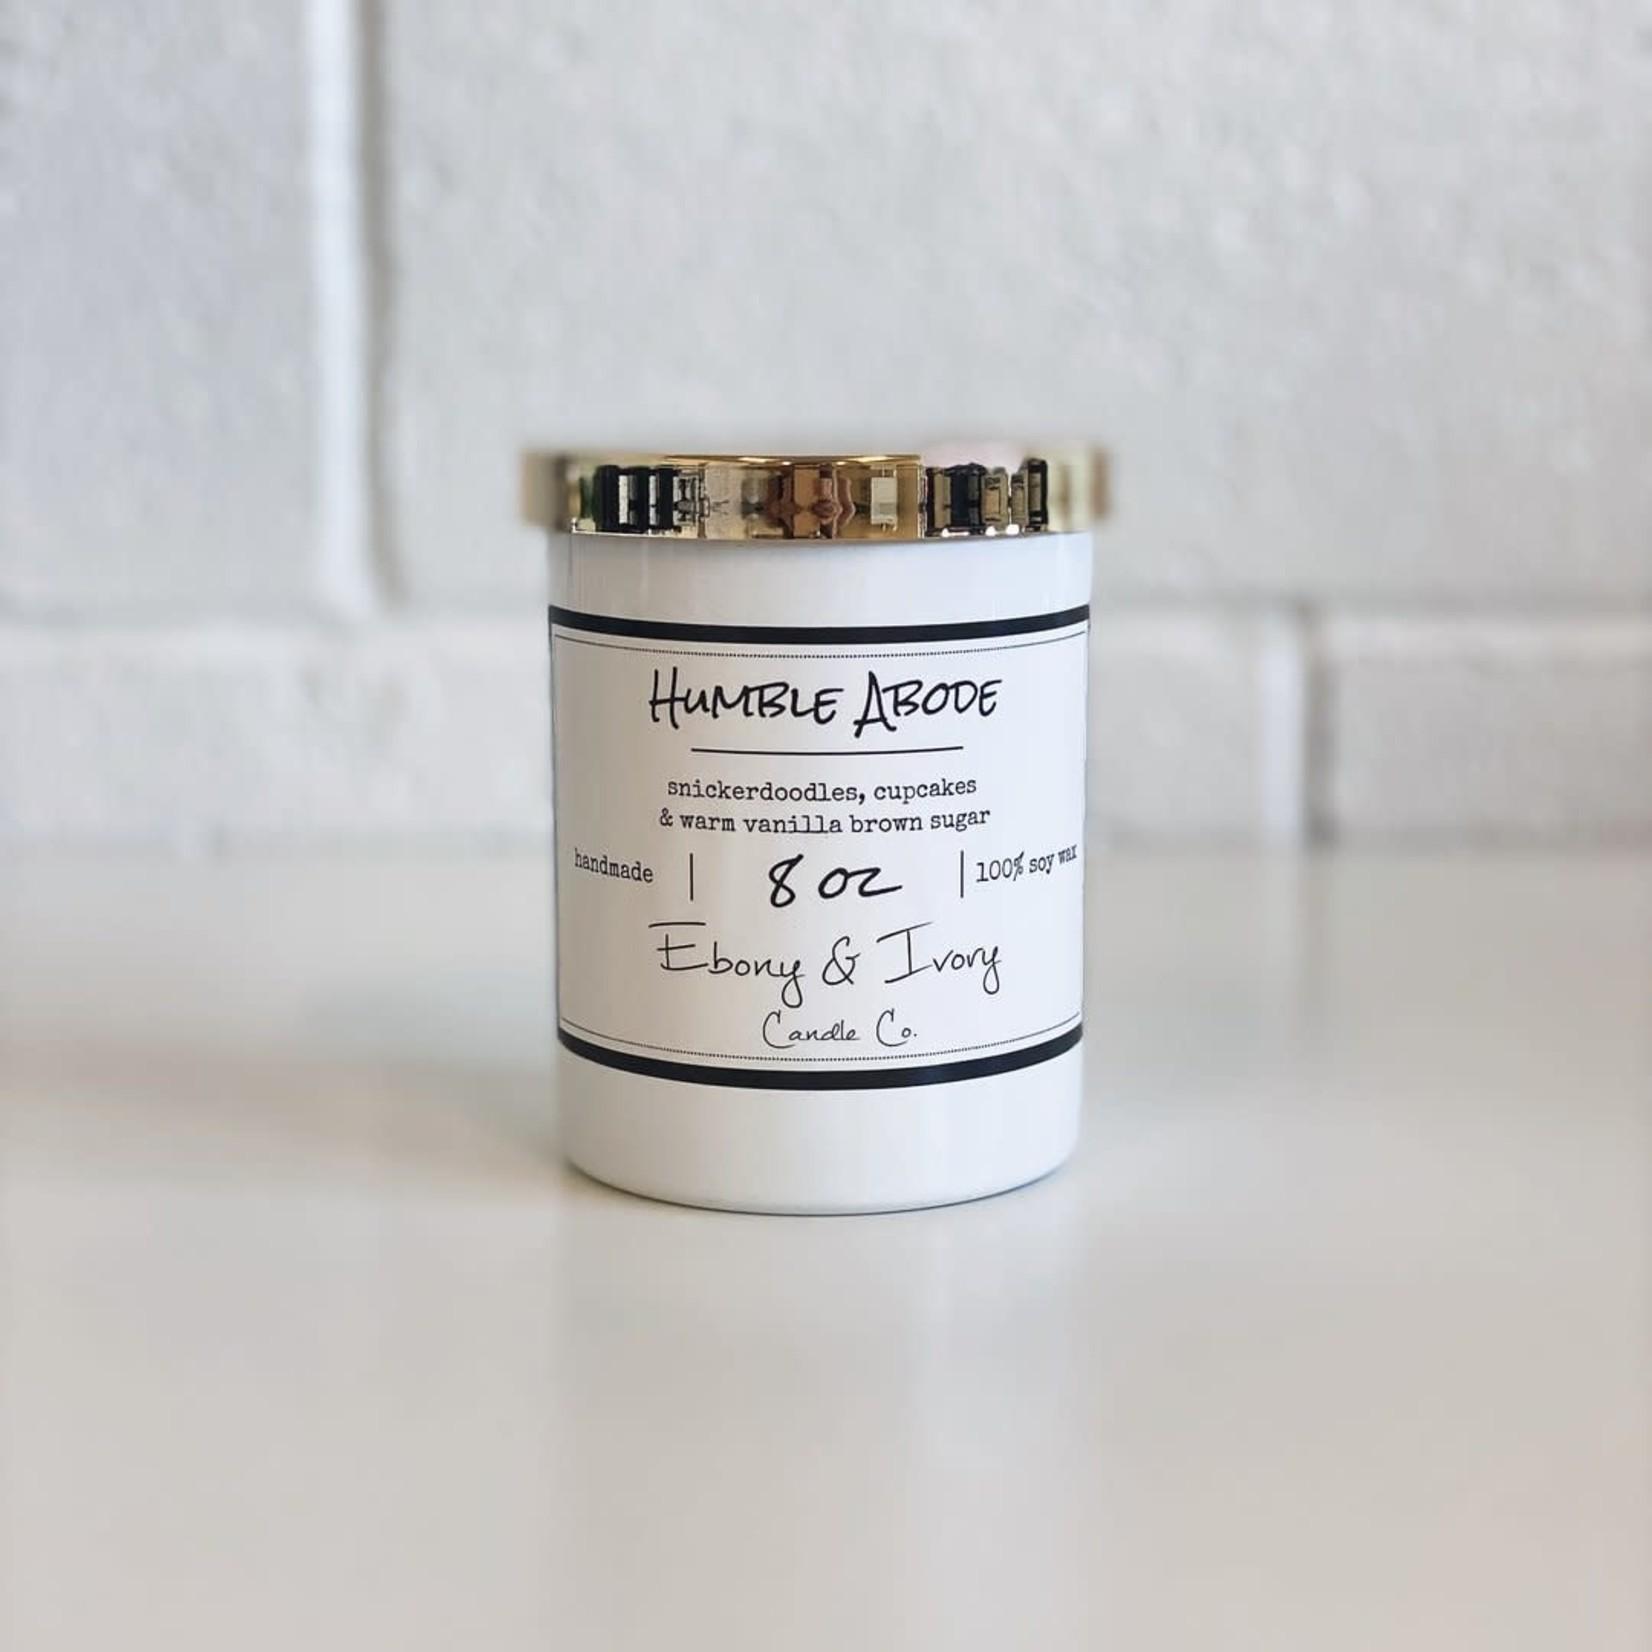 Ebony & Ivory Candle - Humble Abode